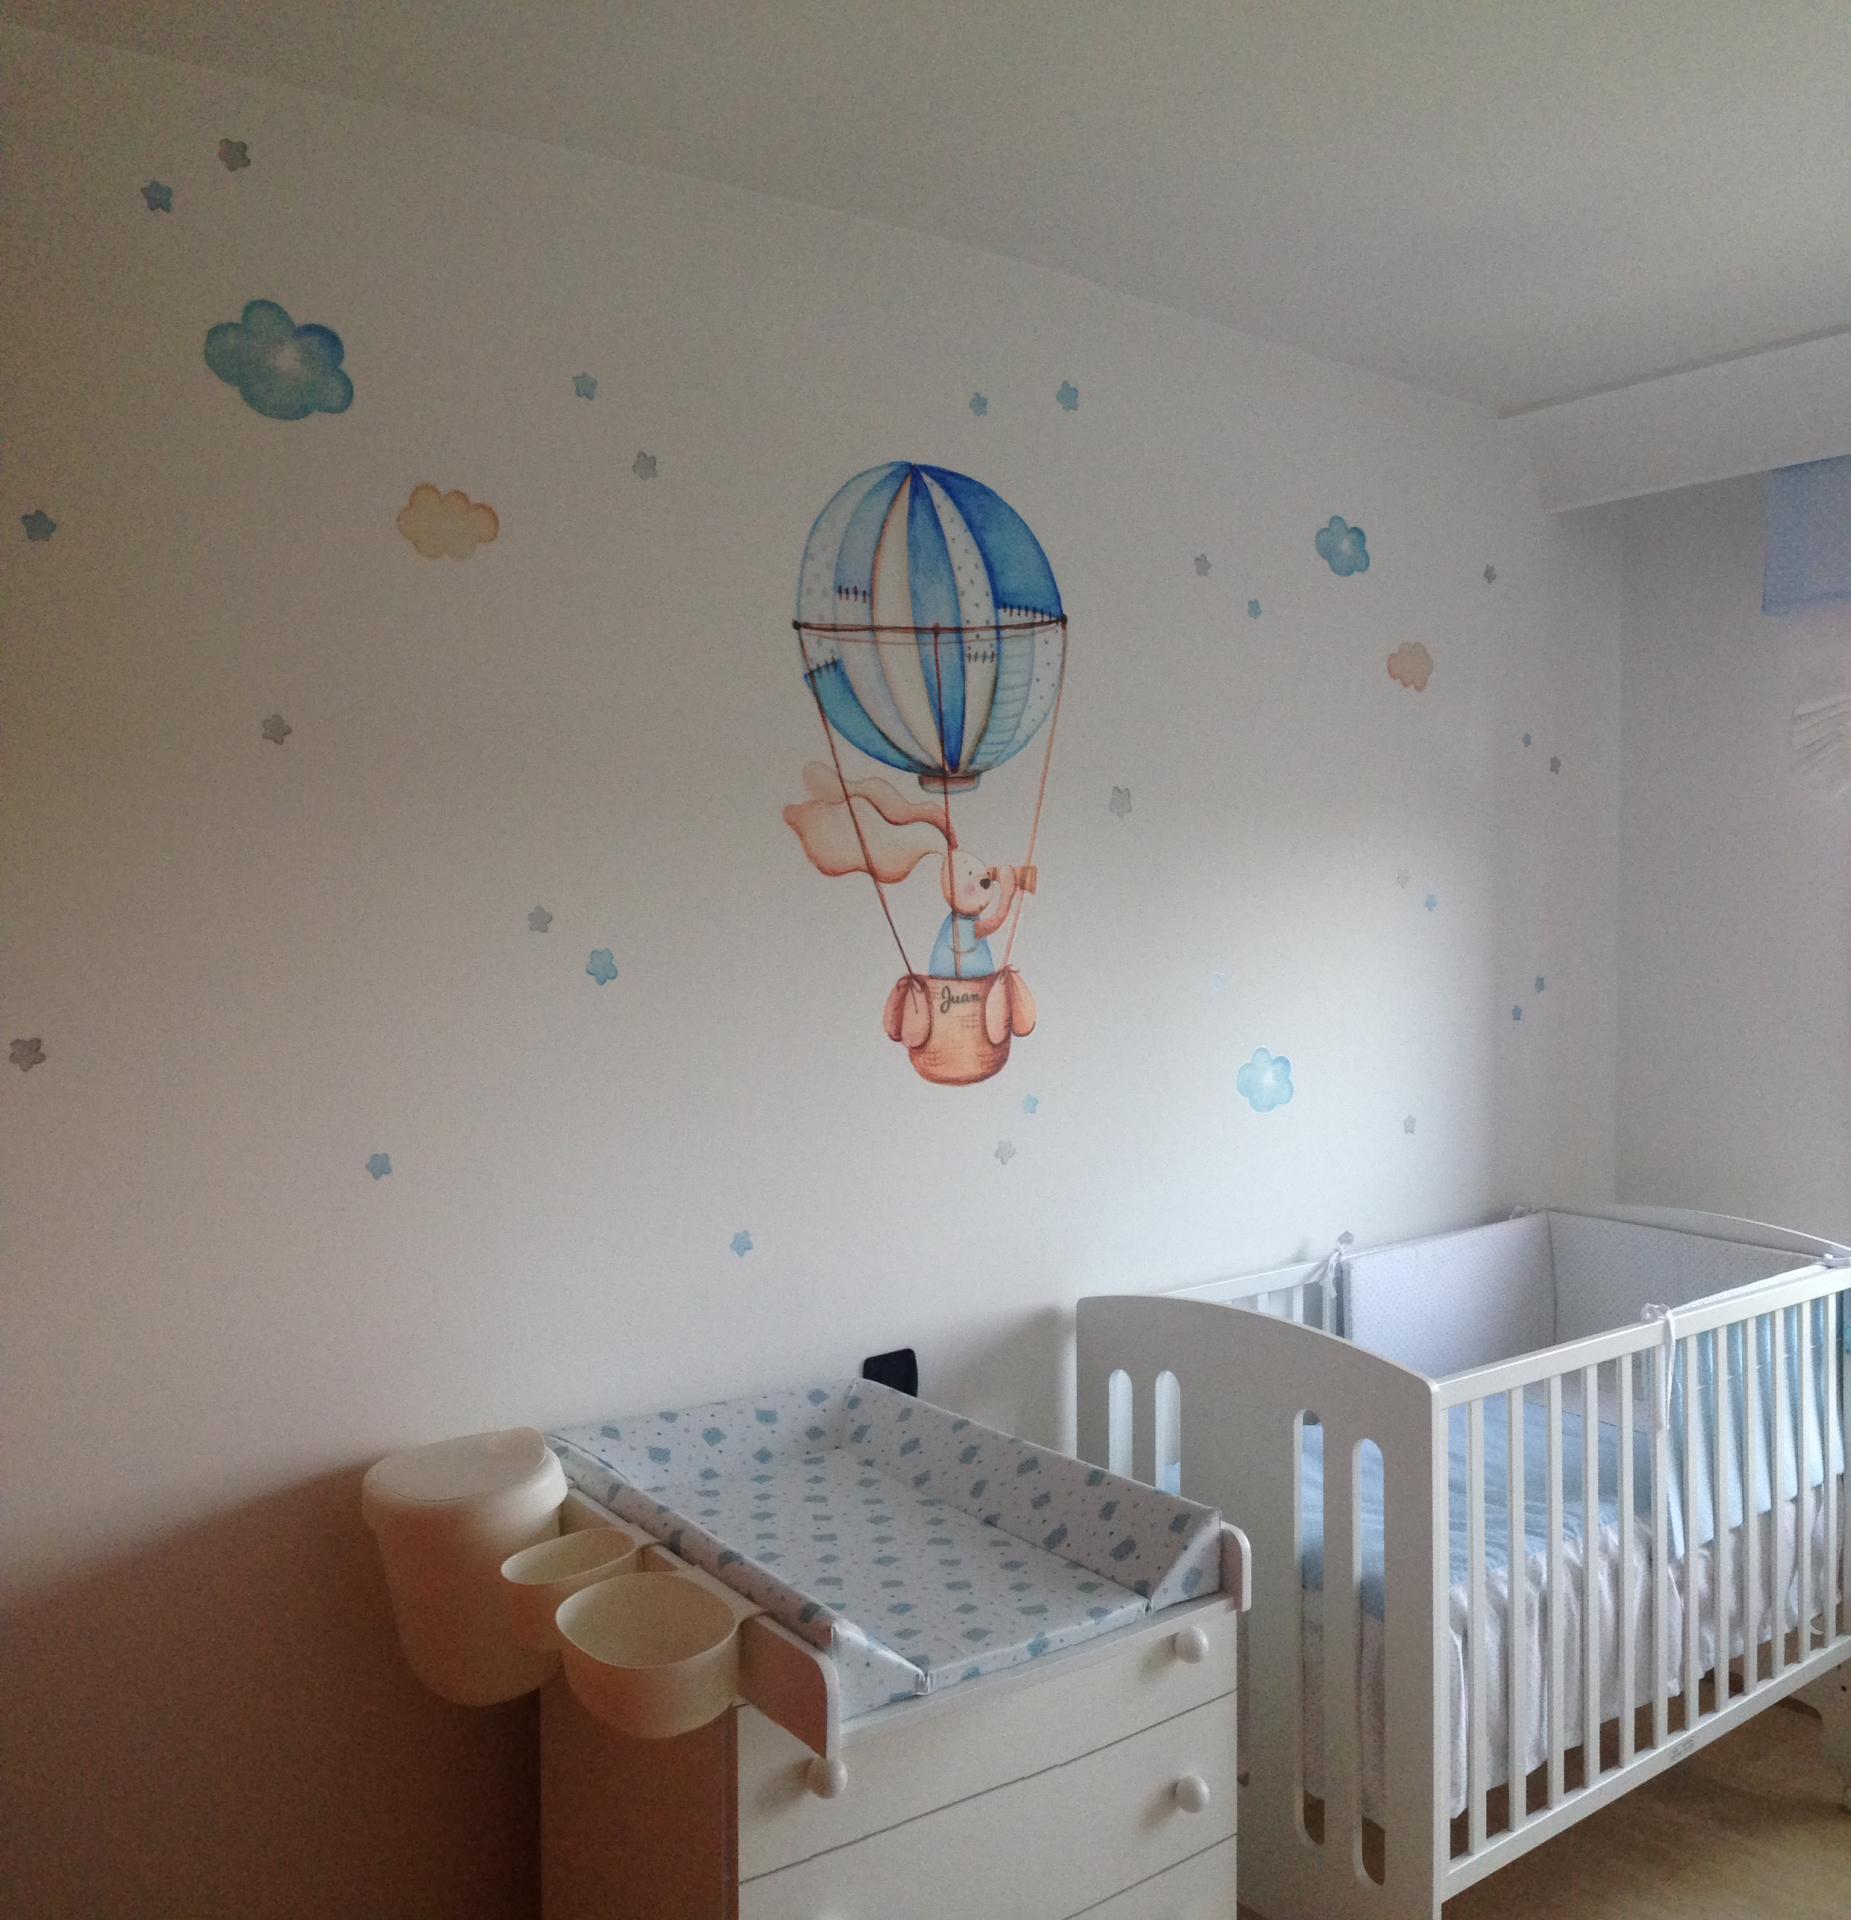 VINILO INFANTIL: Conejito en globo